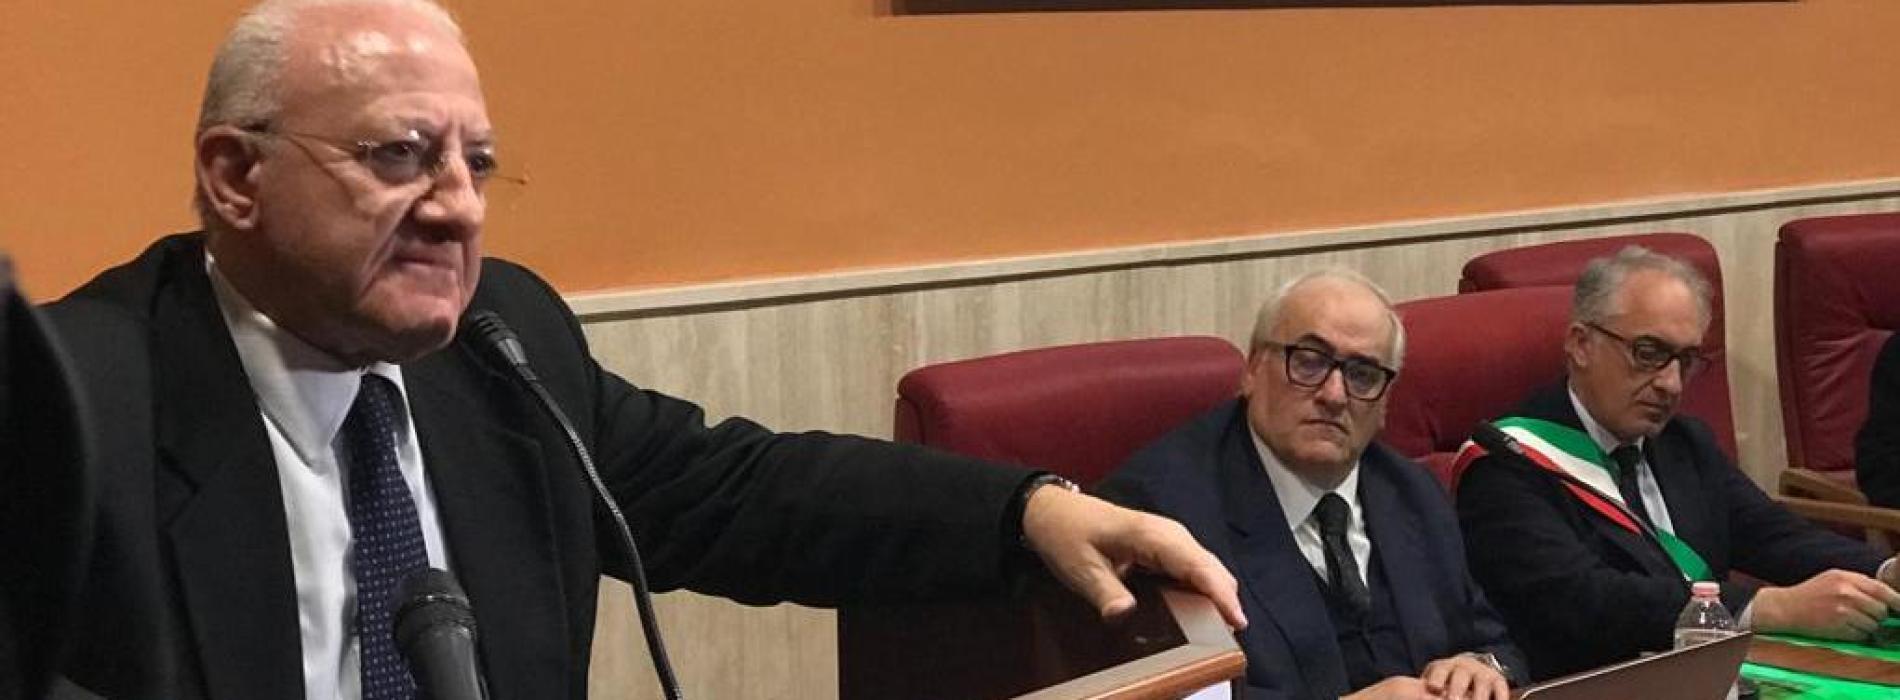 """De Luca all'Ospedale di Caserta: """"Qui si cammina a testa alta"""""""